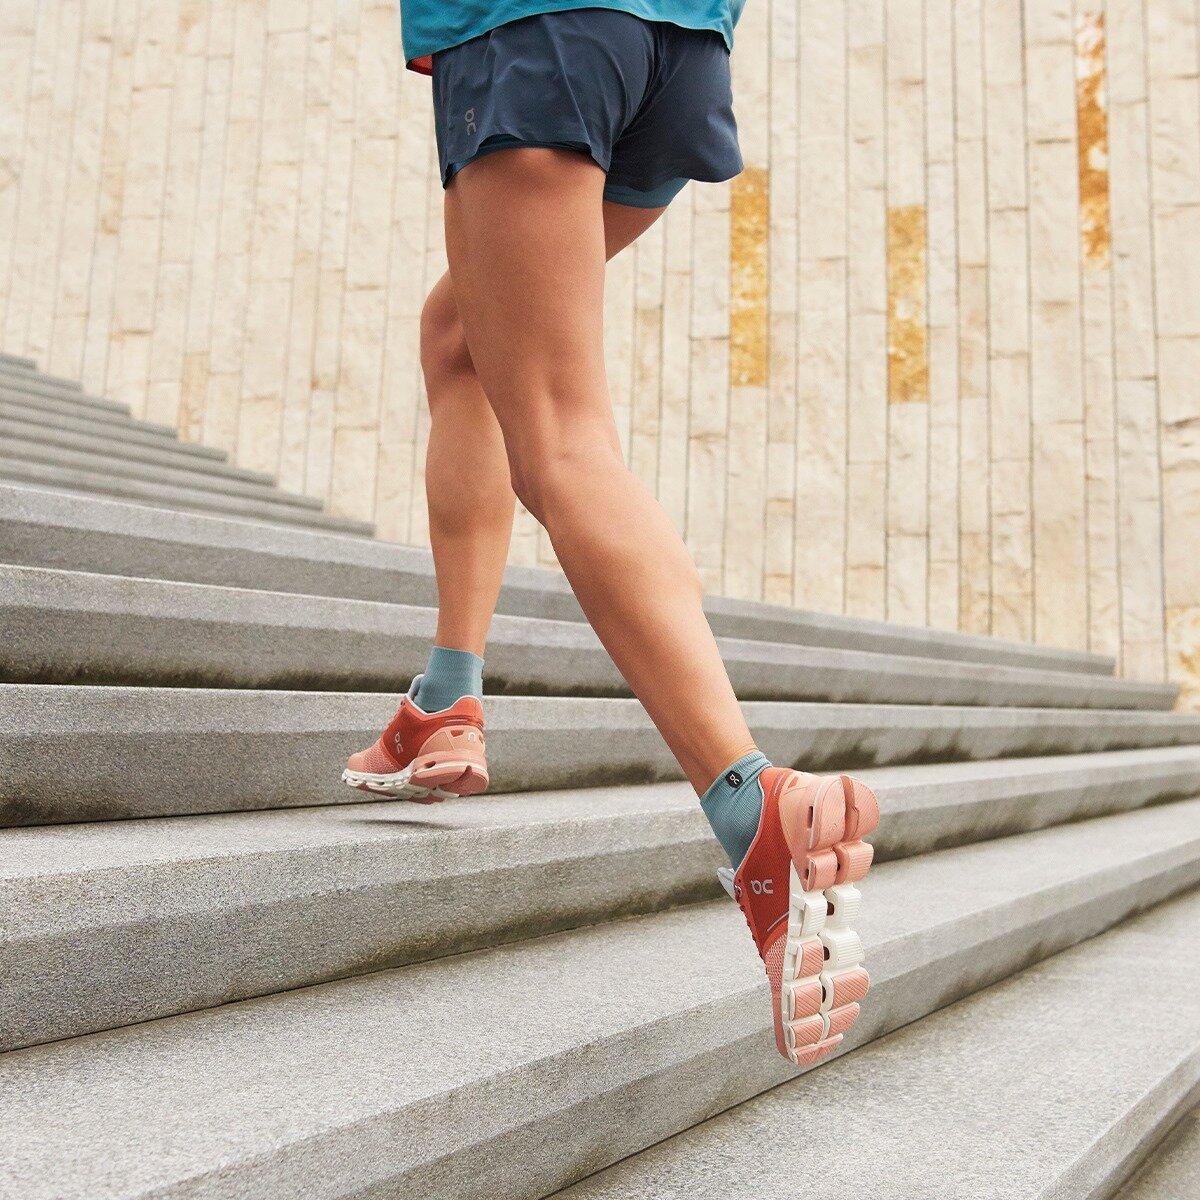 Photo: On Running